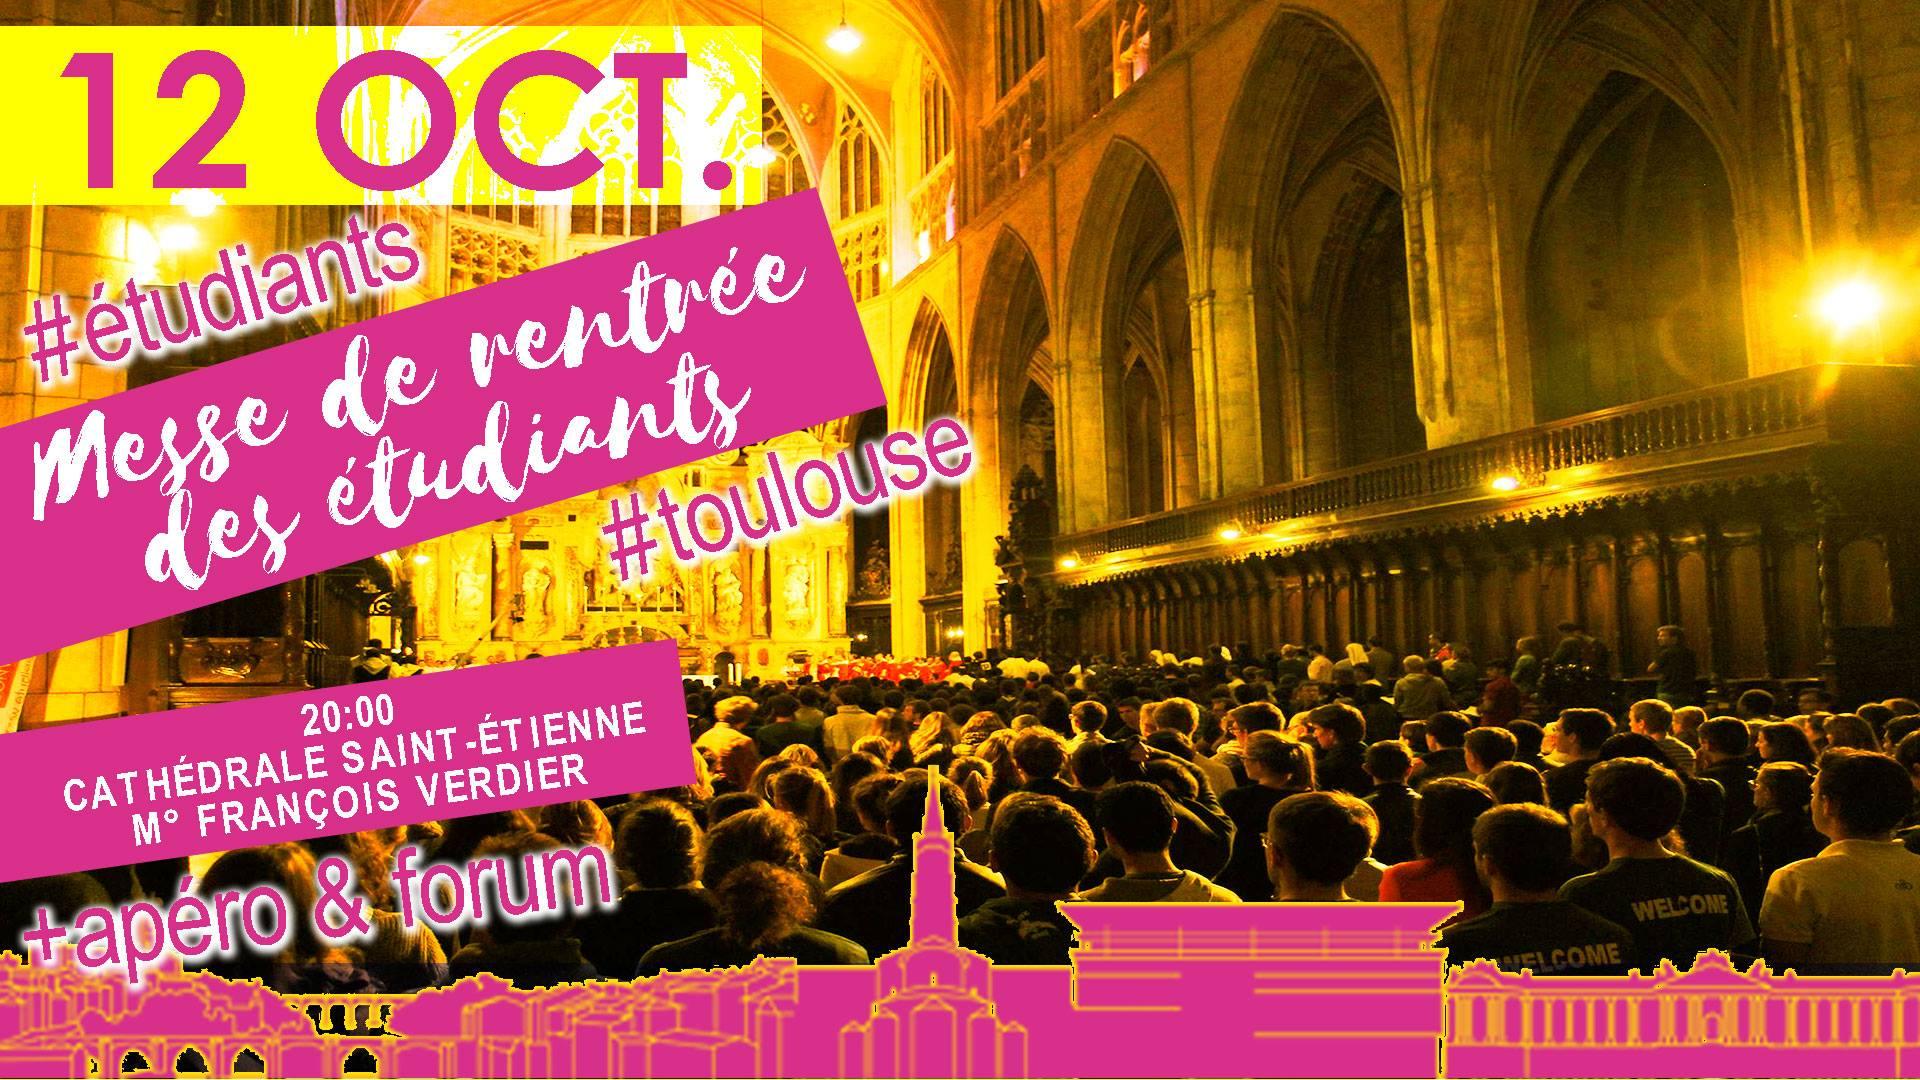 Messe rentrée étudiants Toulouse